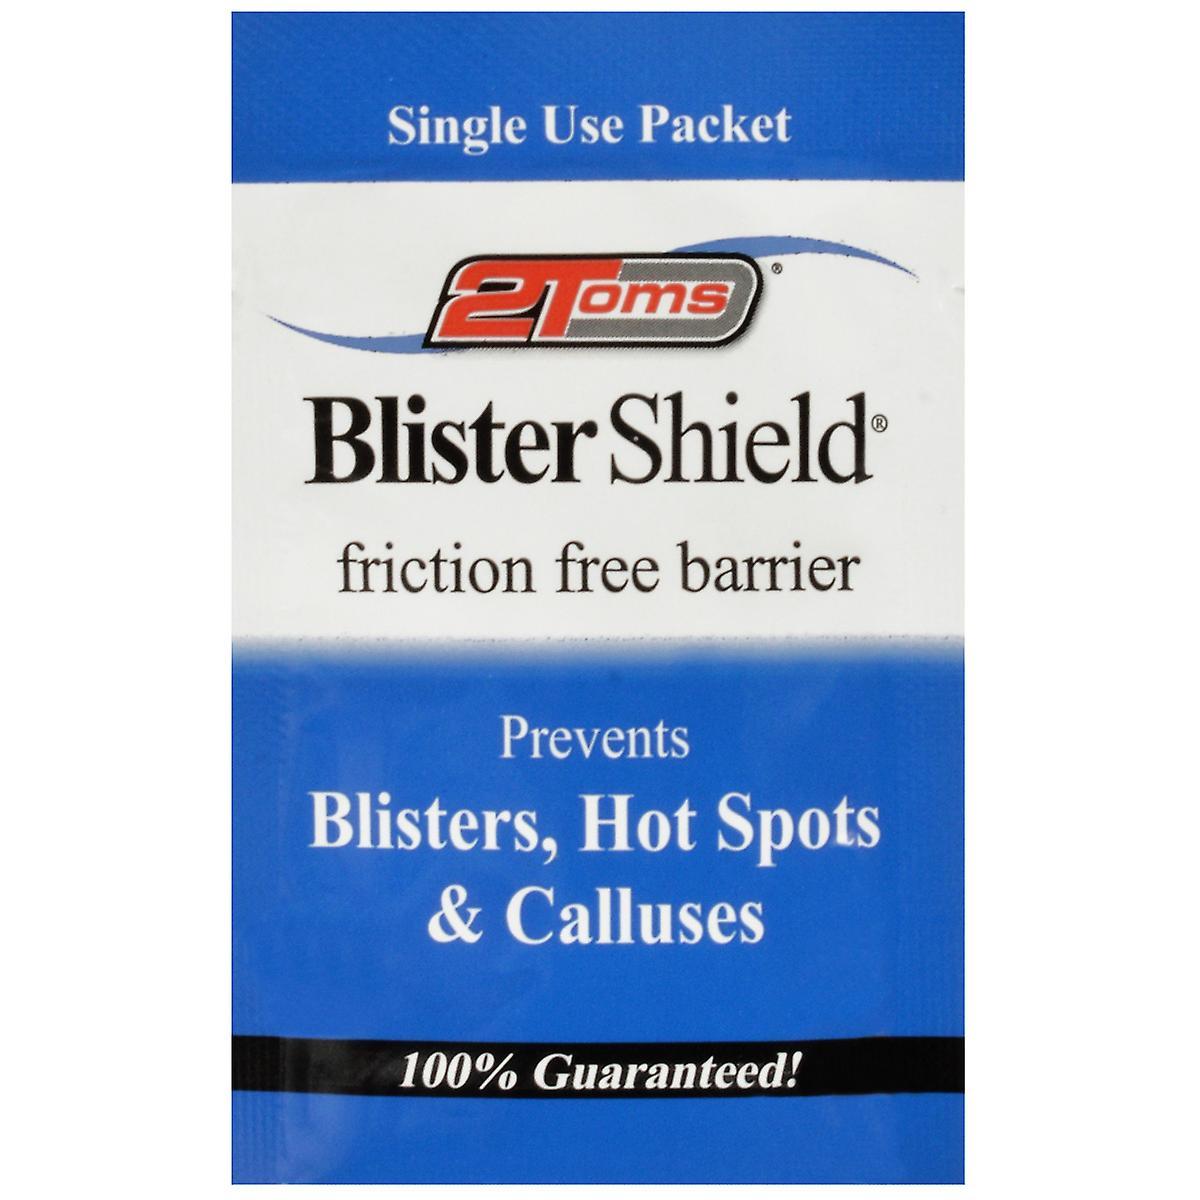 2Toms enda användning Blister sköld friktion gratis pulver - 1 pake...